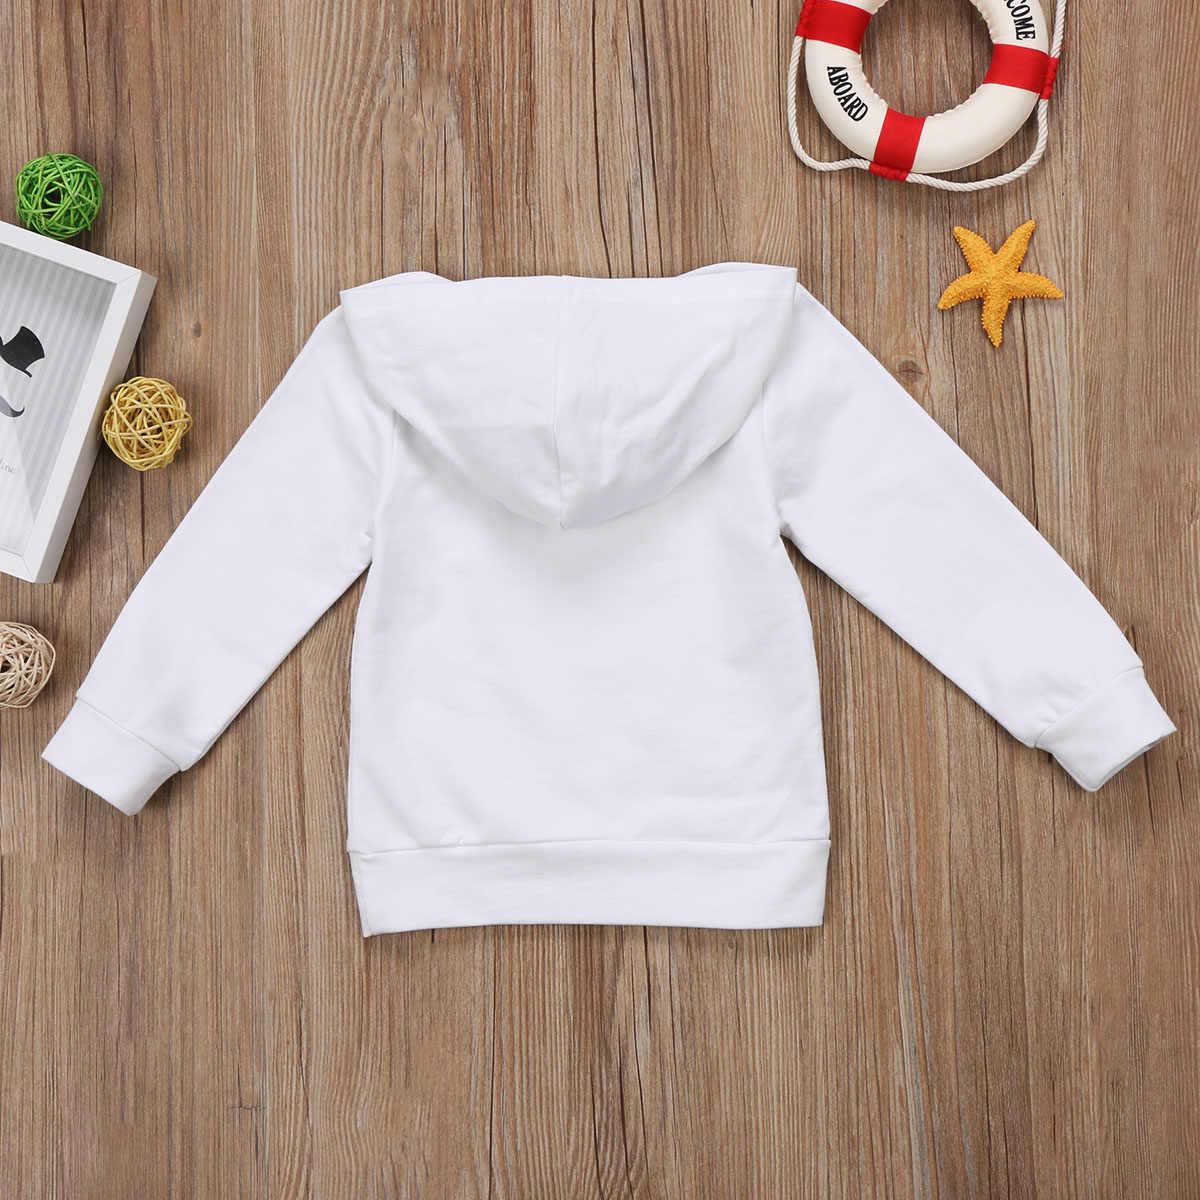 Gran oferta Casual niño recién nacido bebé niña chaqueta con capucha cálida niños ropa al aire libre para 0-5Y